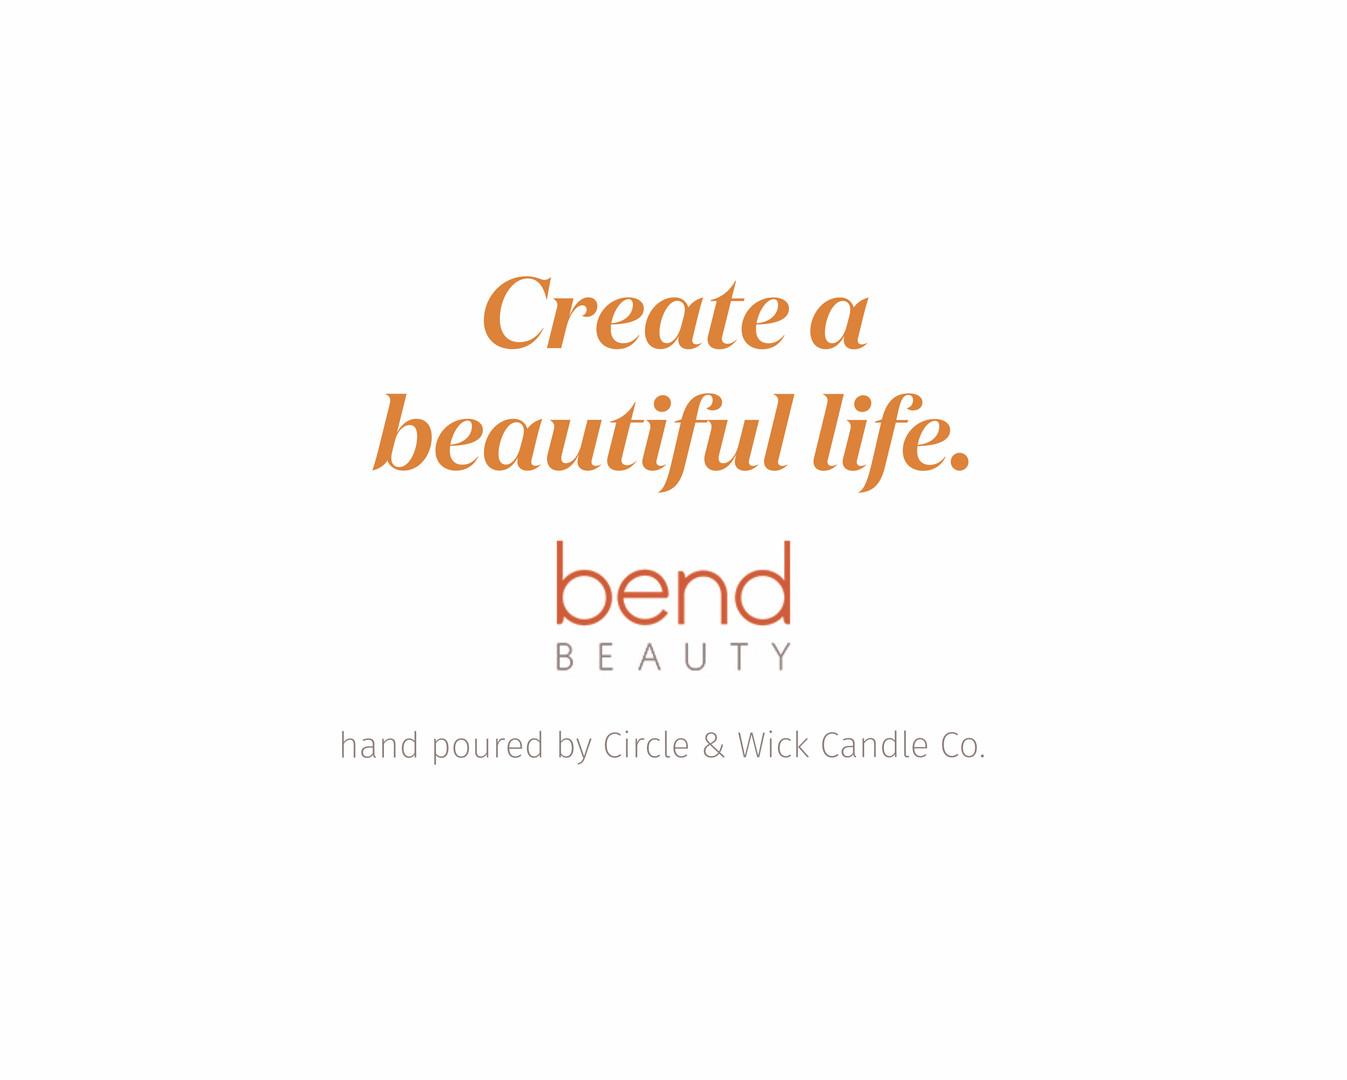 Bend Beauty